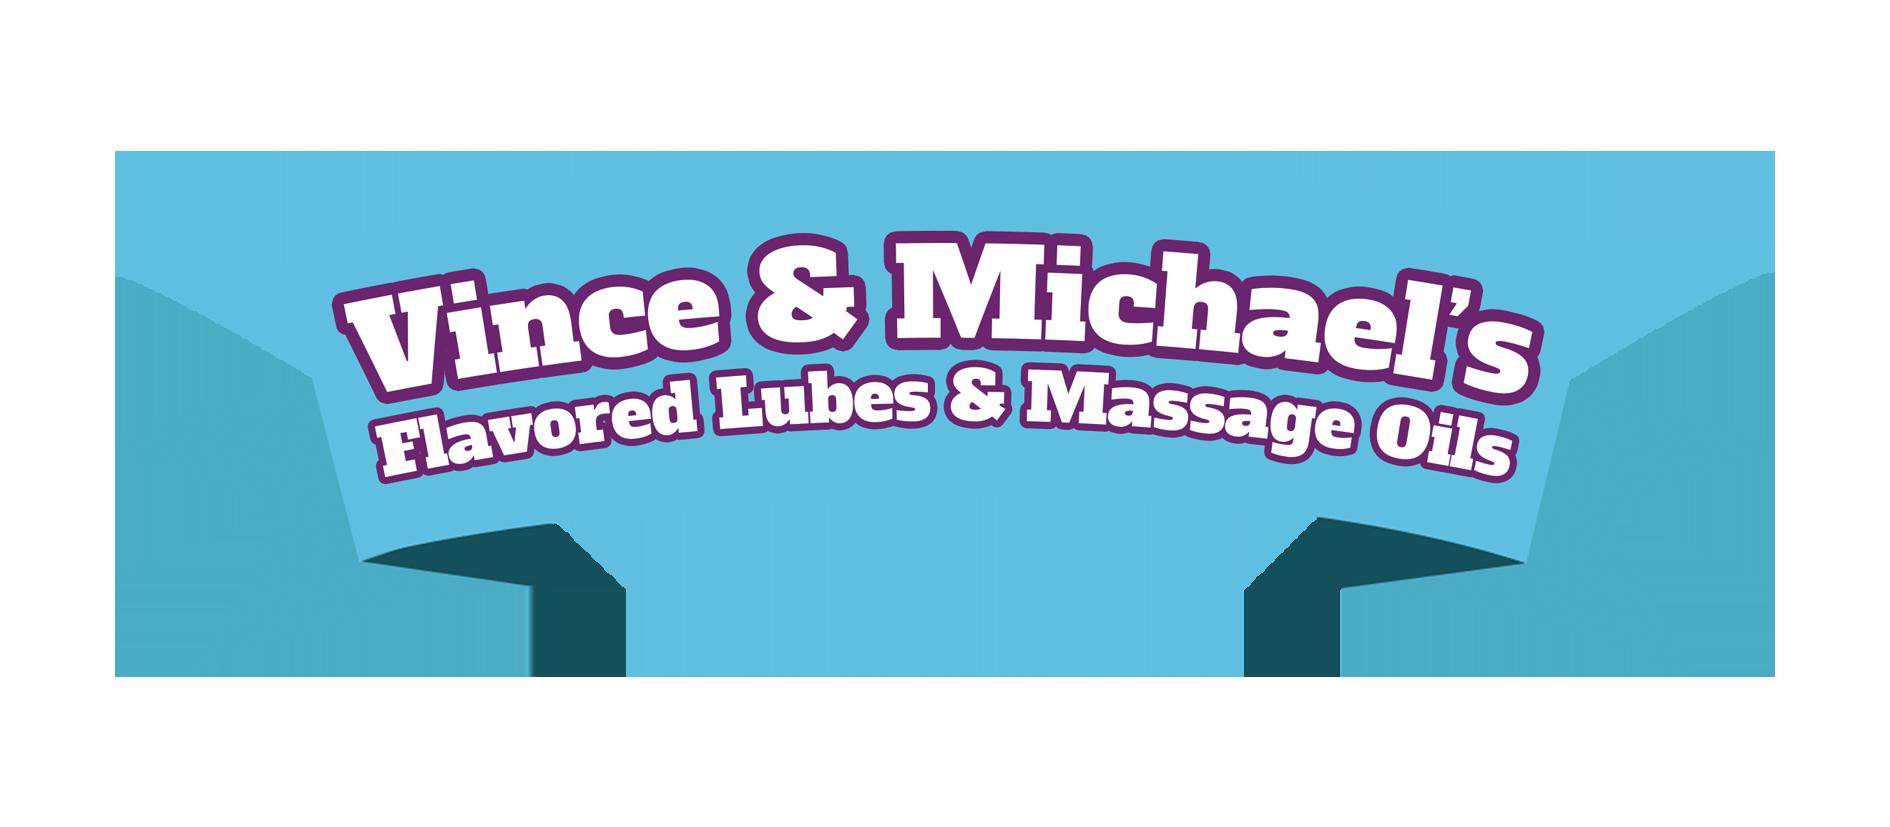 VINCE & MICHAEL's